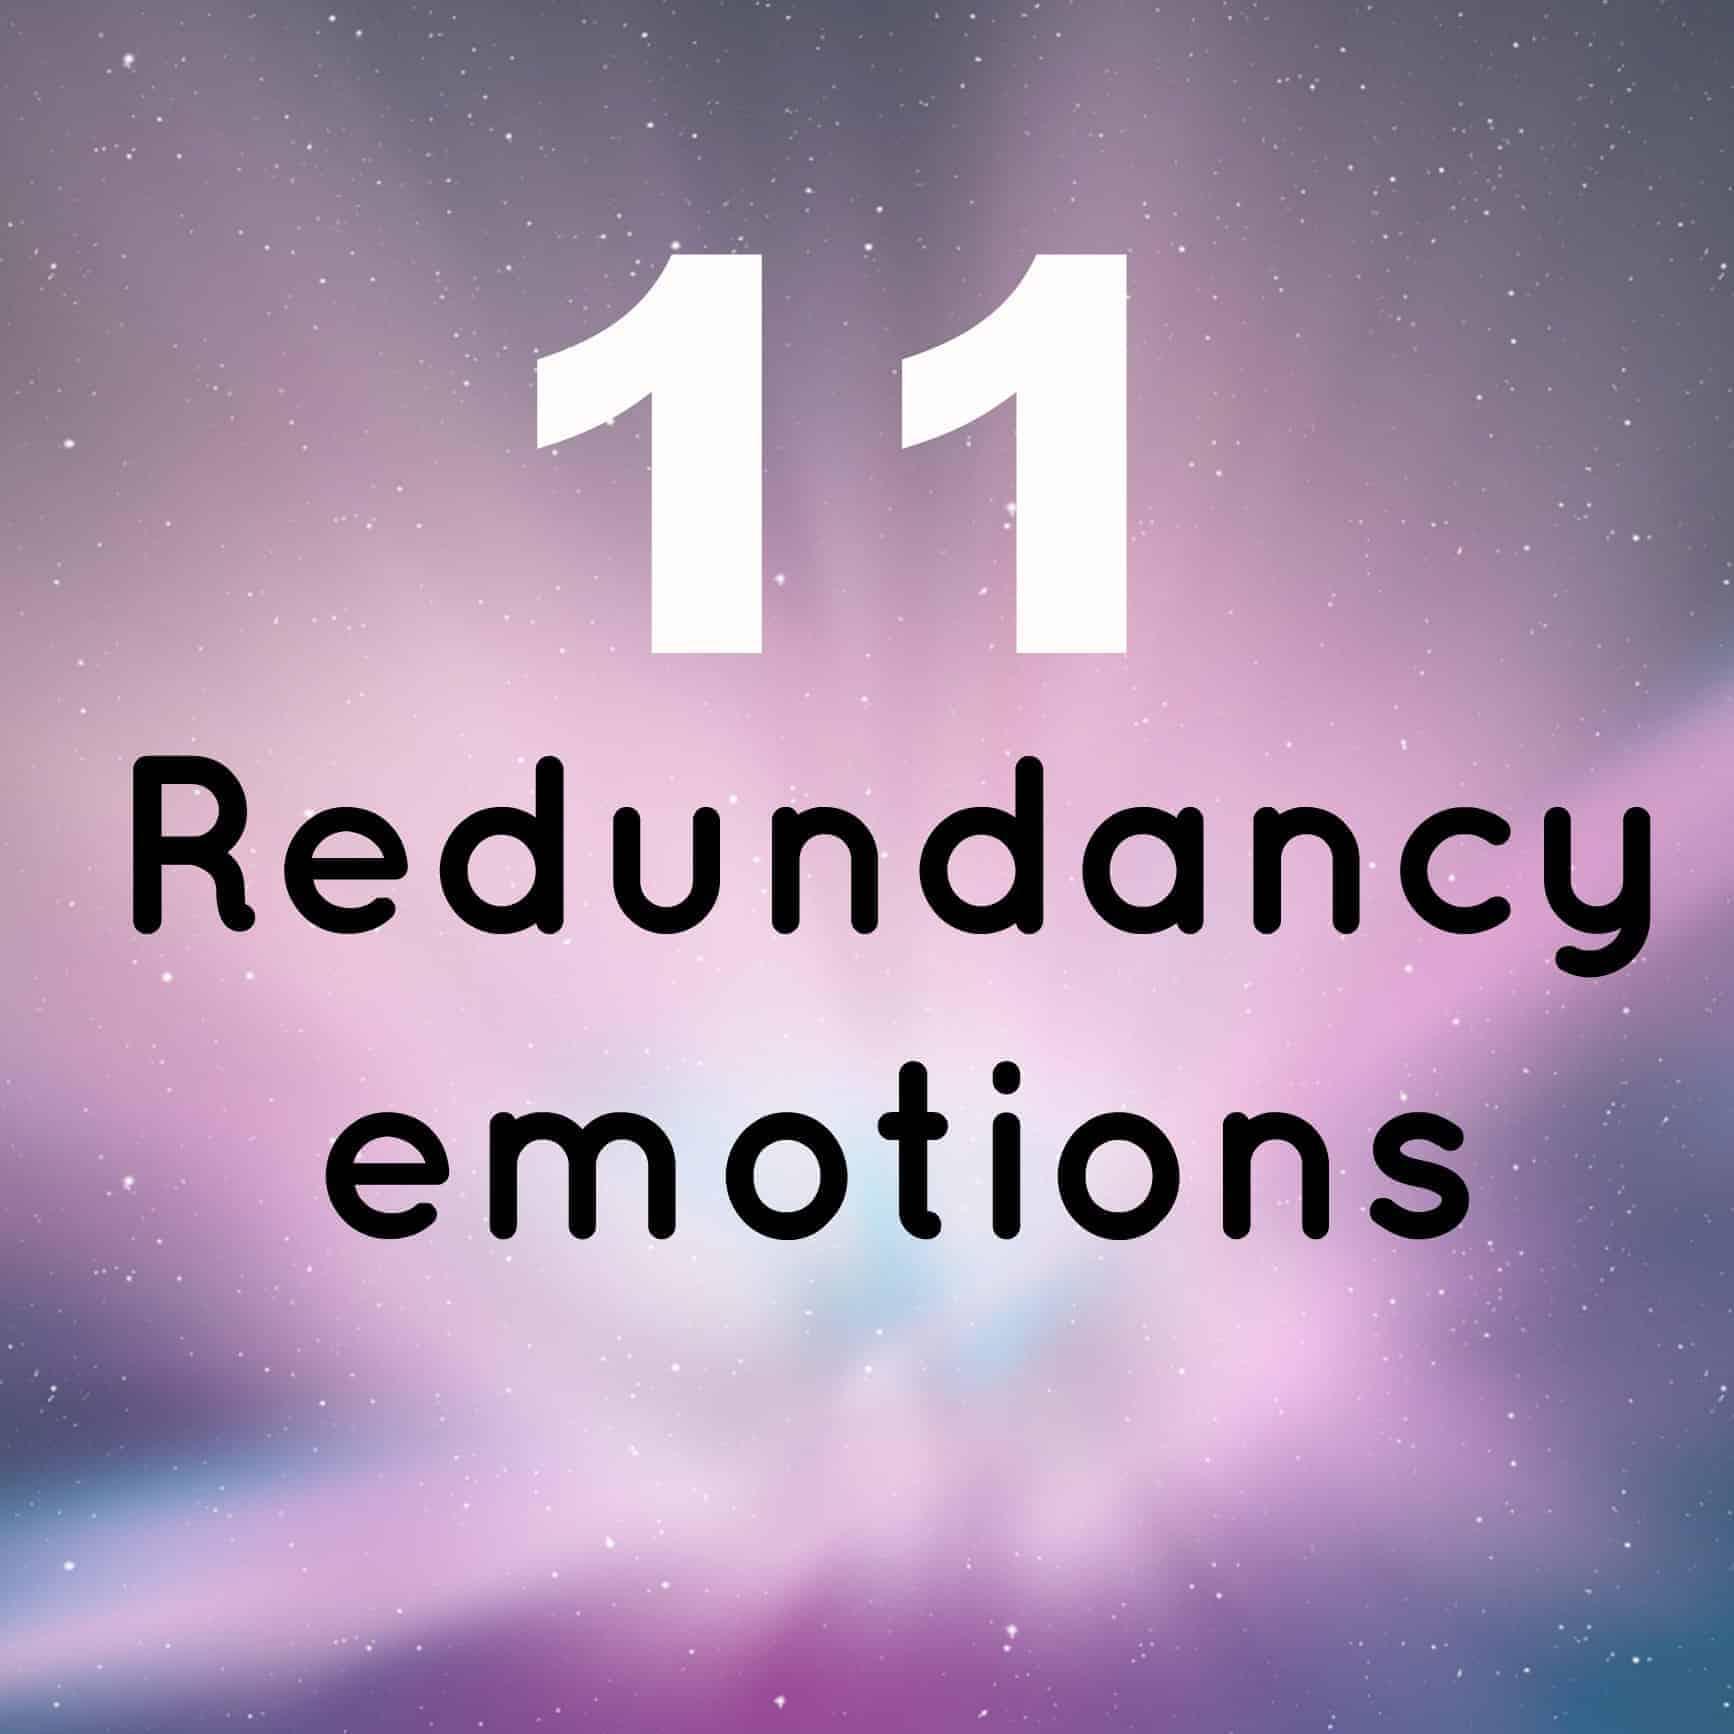 redundancy emotions